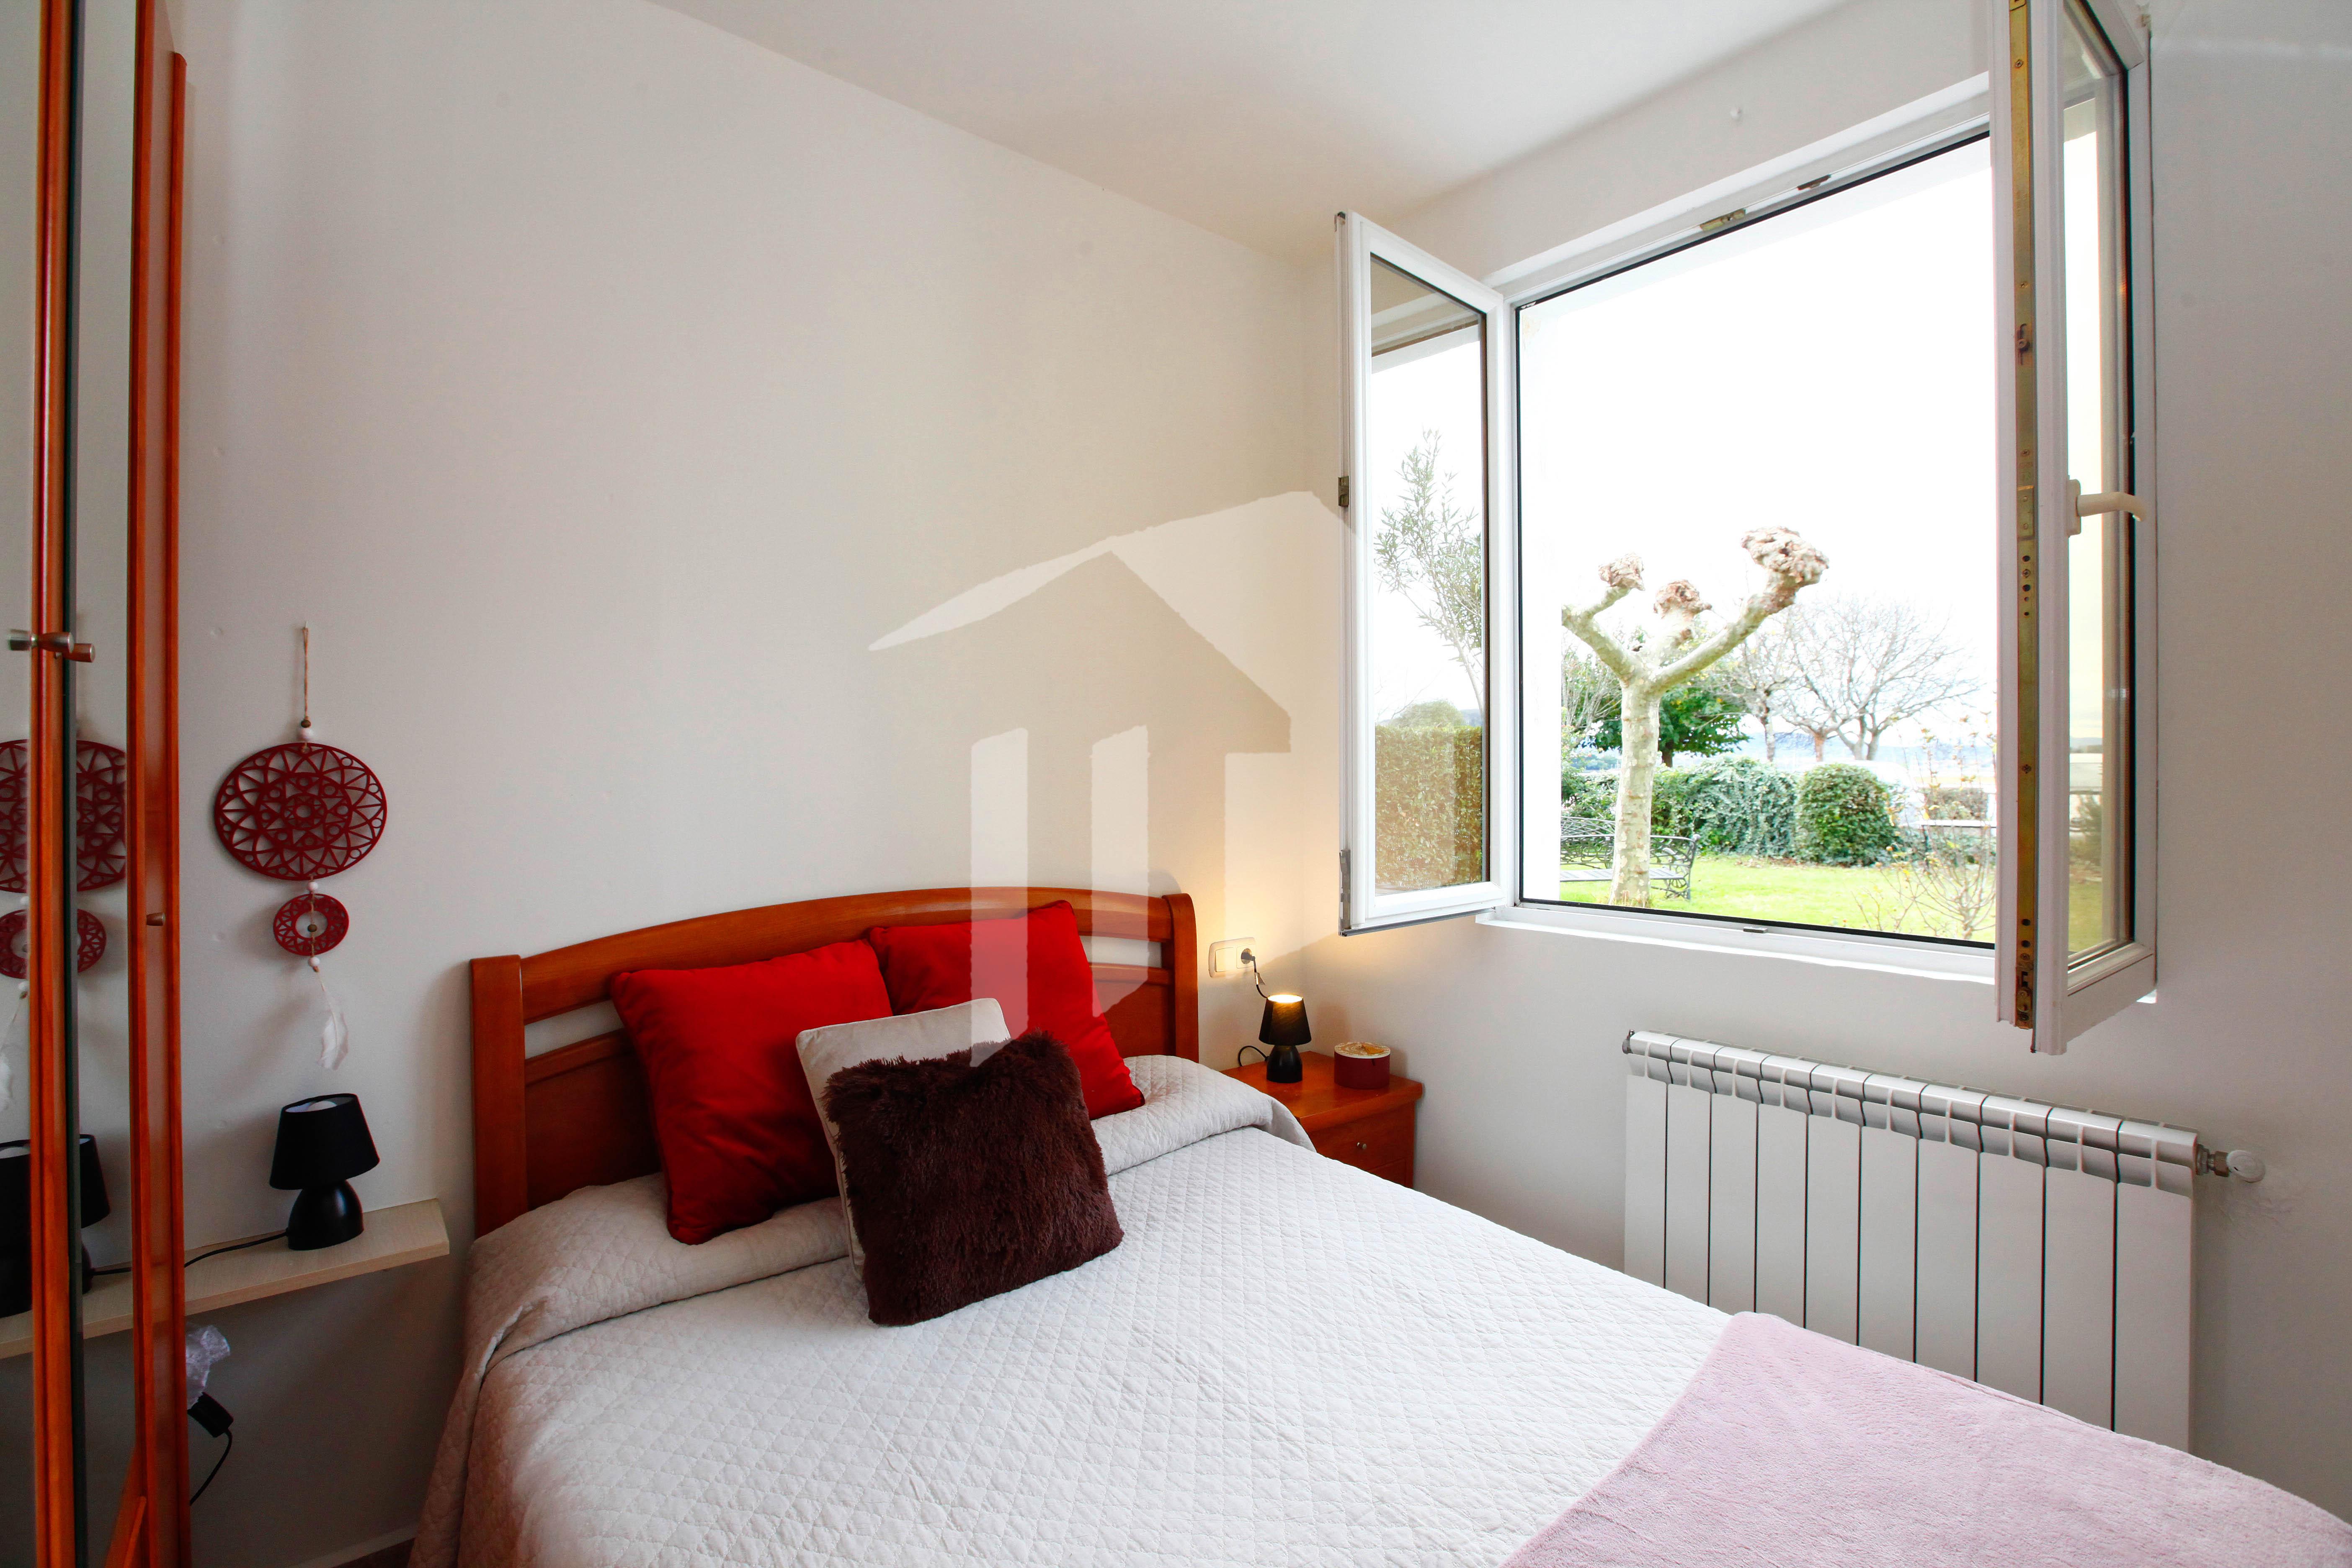 La mejor terraza de Hendaia! Se vende bonito apartamento con terraza con espectaculares vistas a la Bahía de Txingudi.